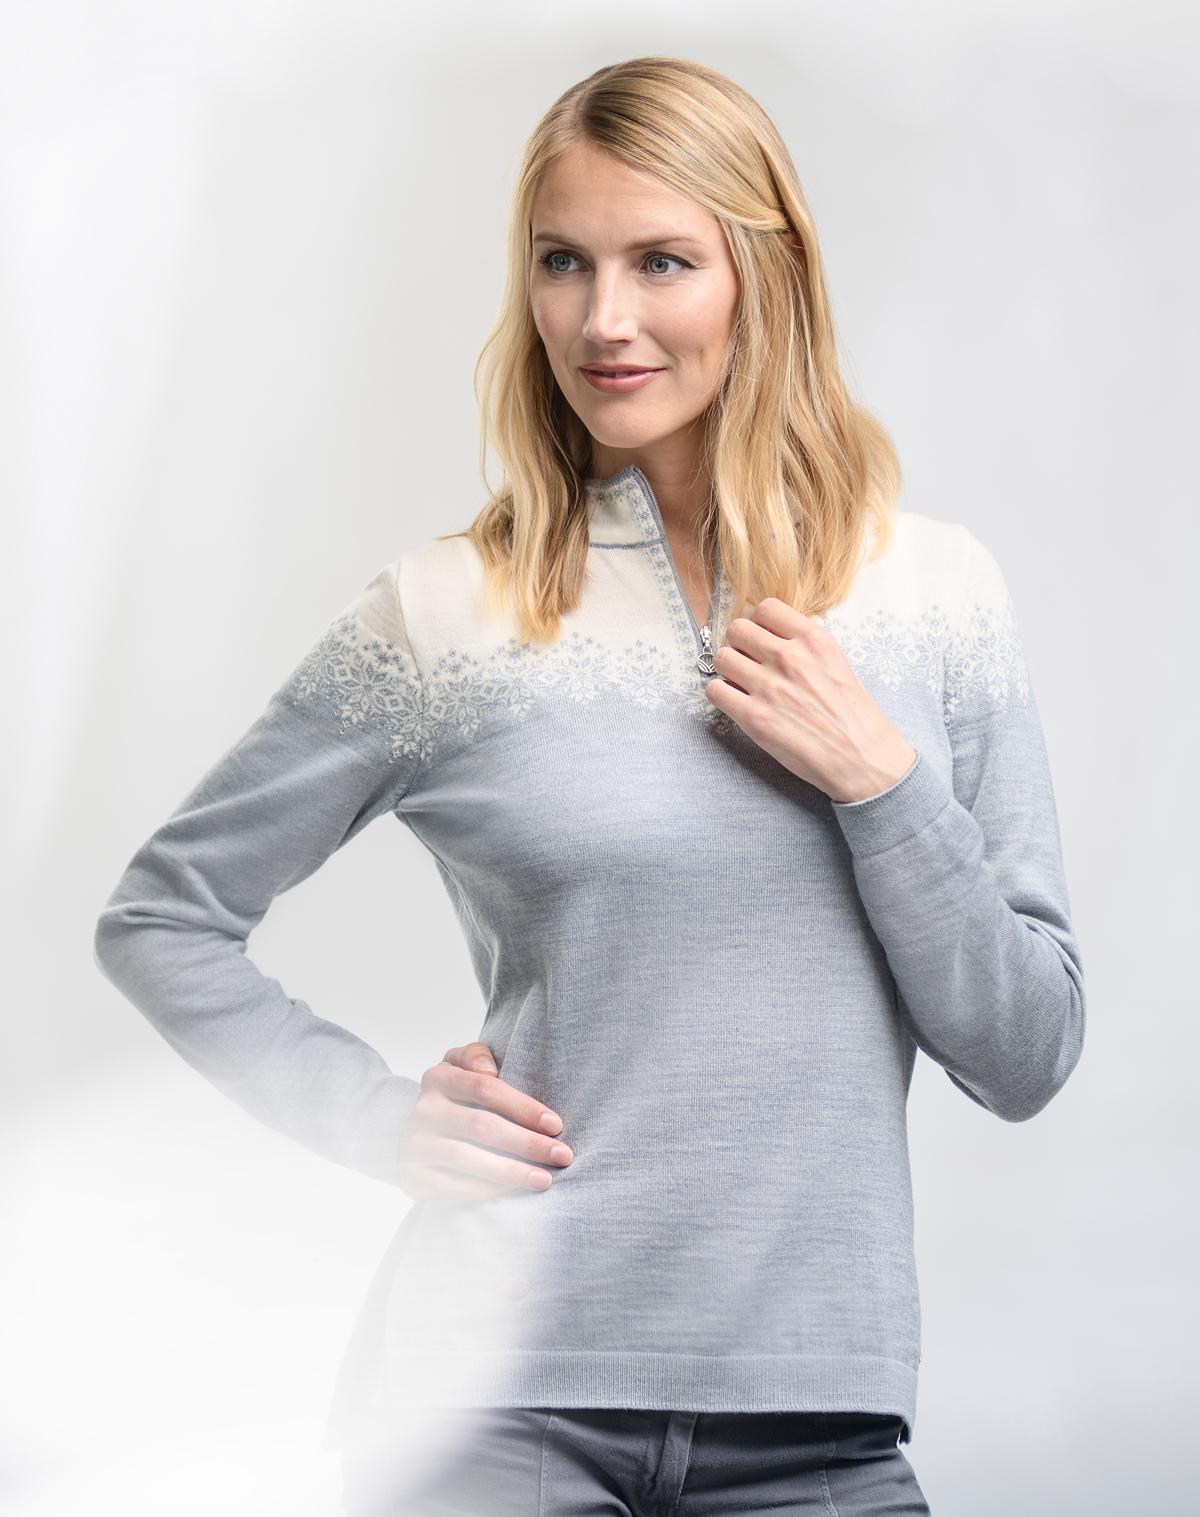 Snefrid women's sweater (1)